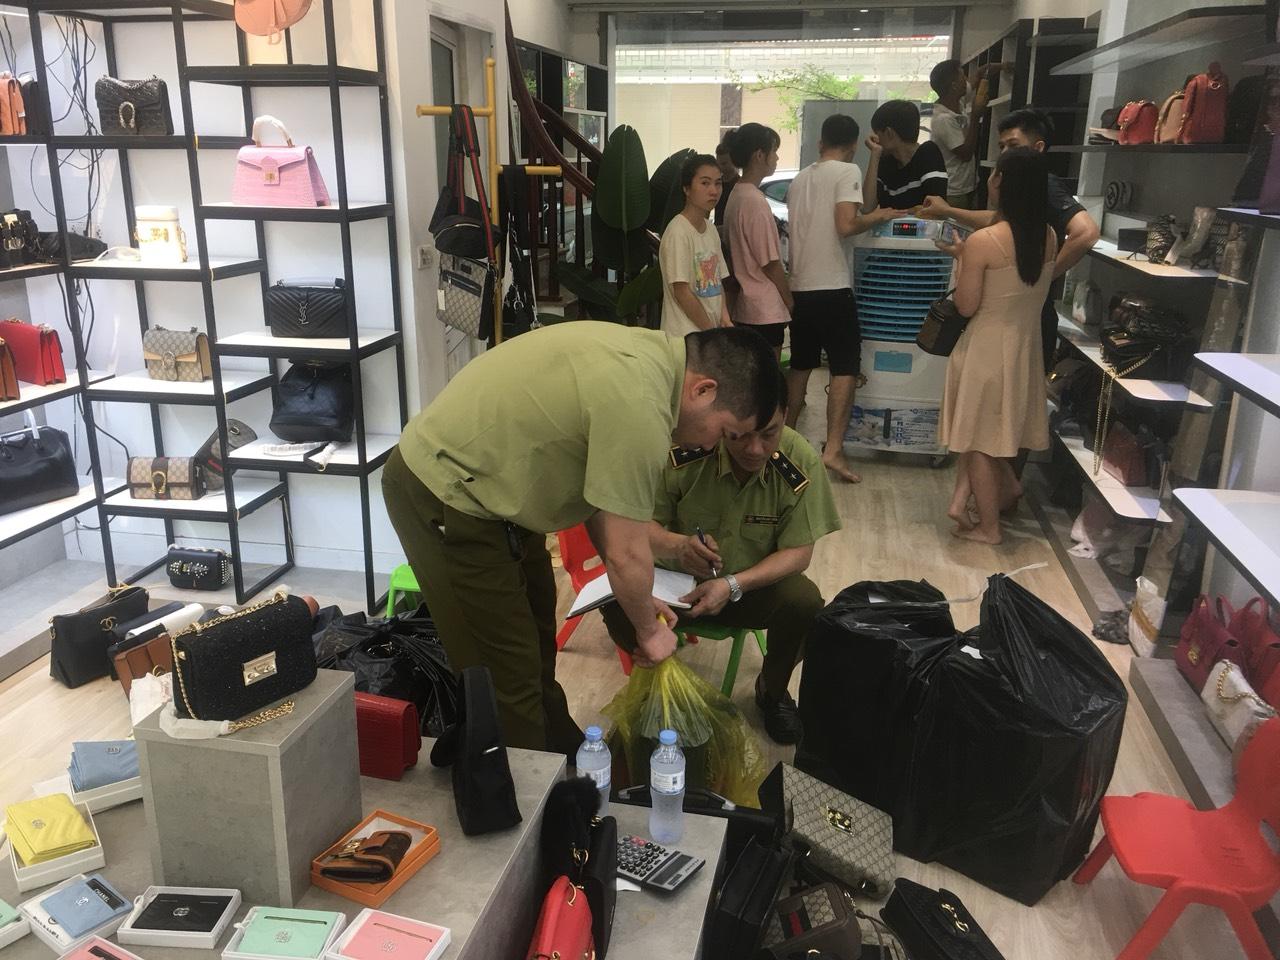 Phát hiện hơn 33 000 sản phẩm thời trang giả mạo nhãn, không rõ xuất xứ